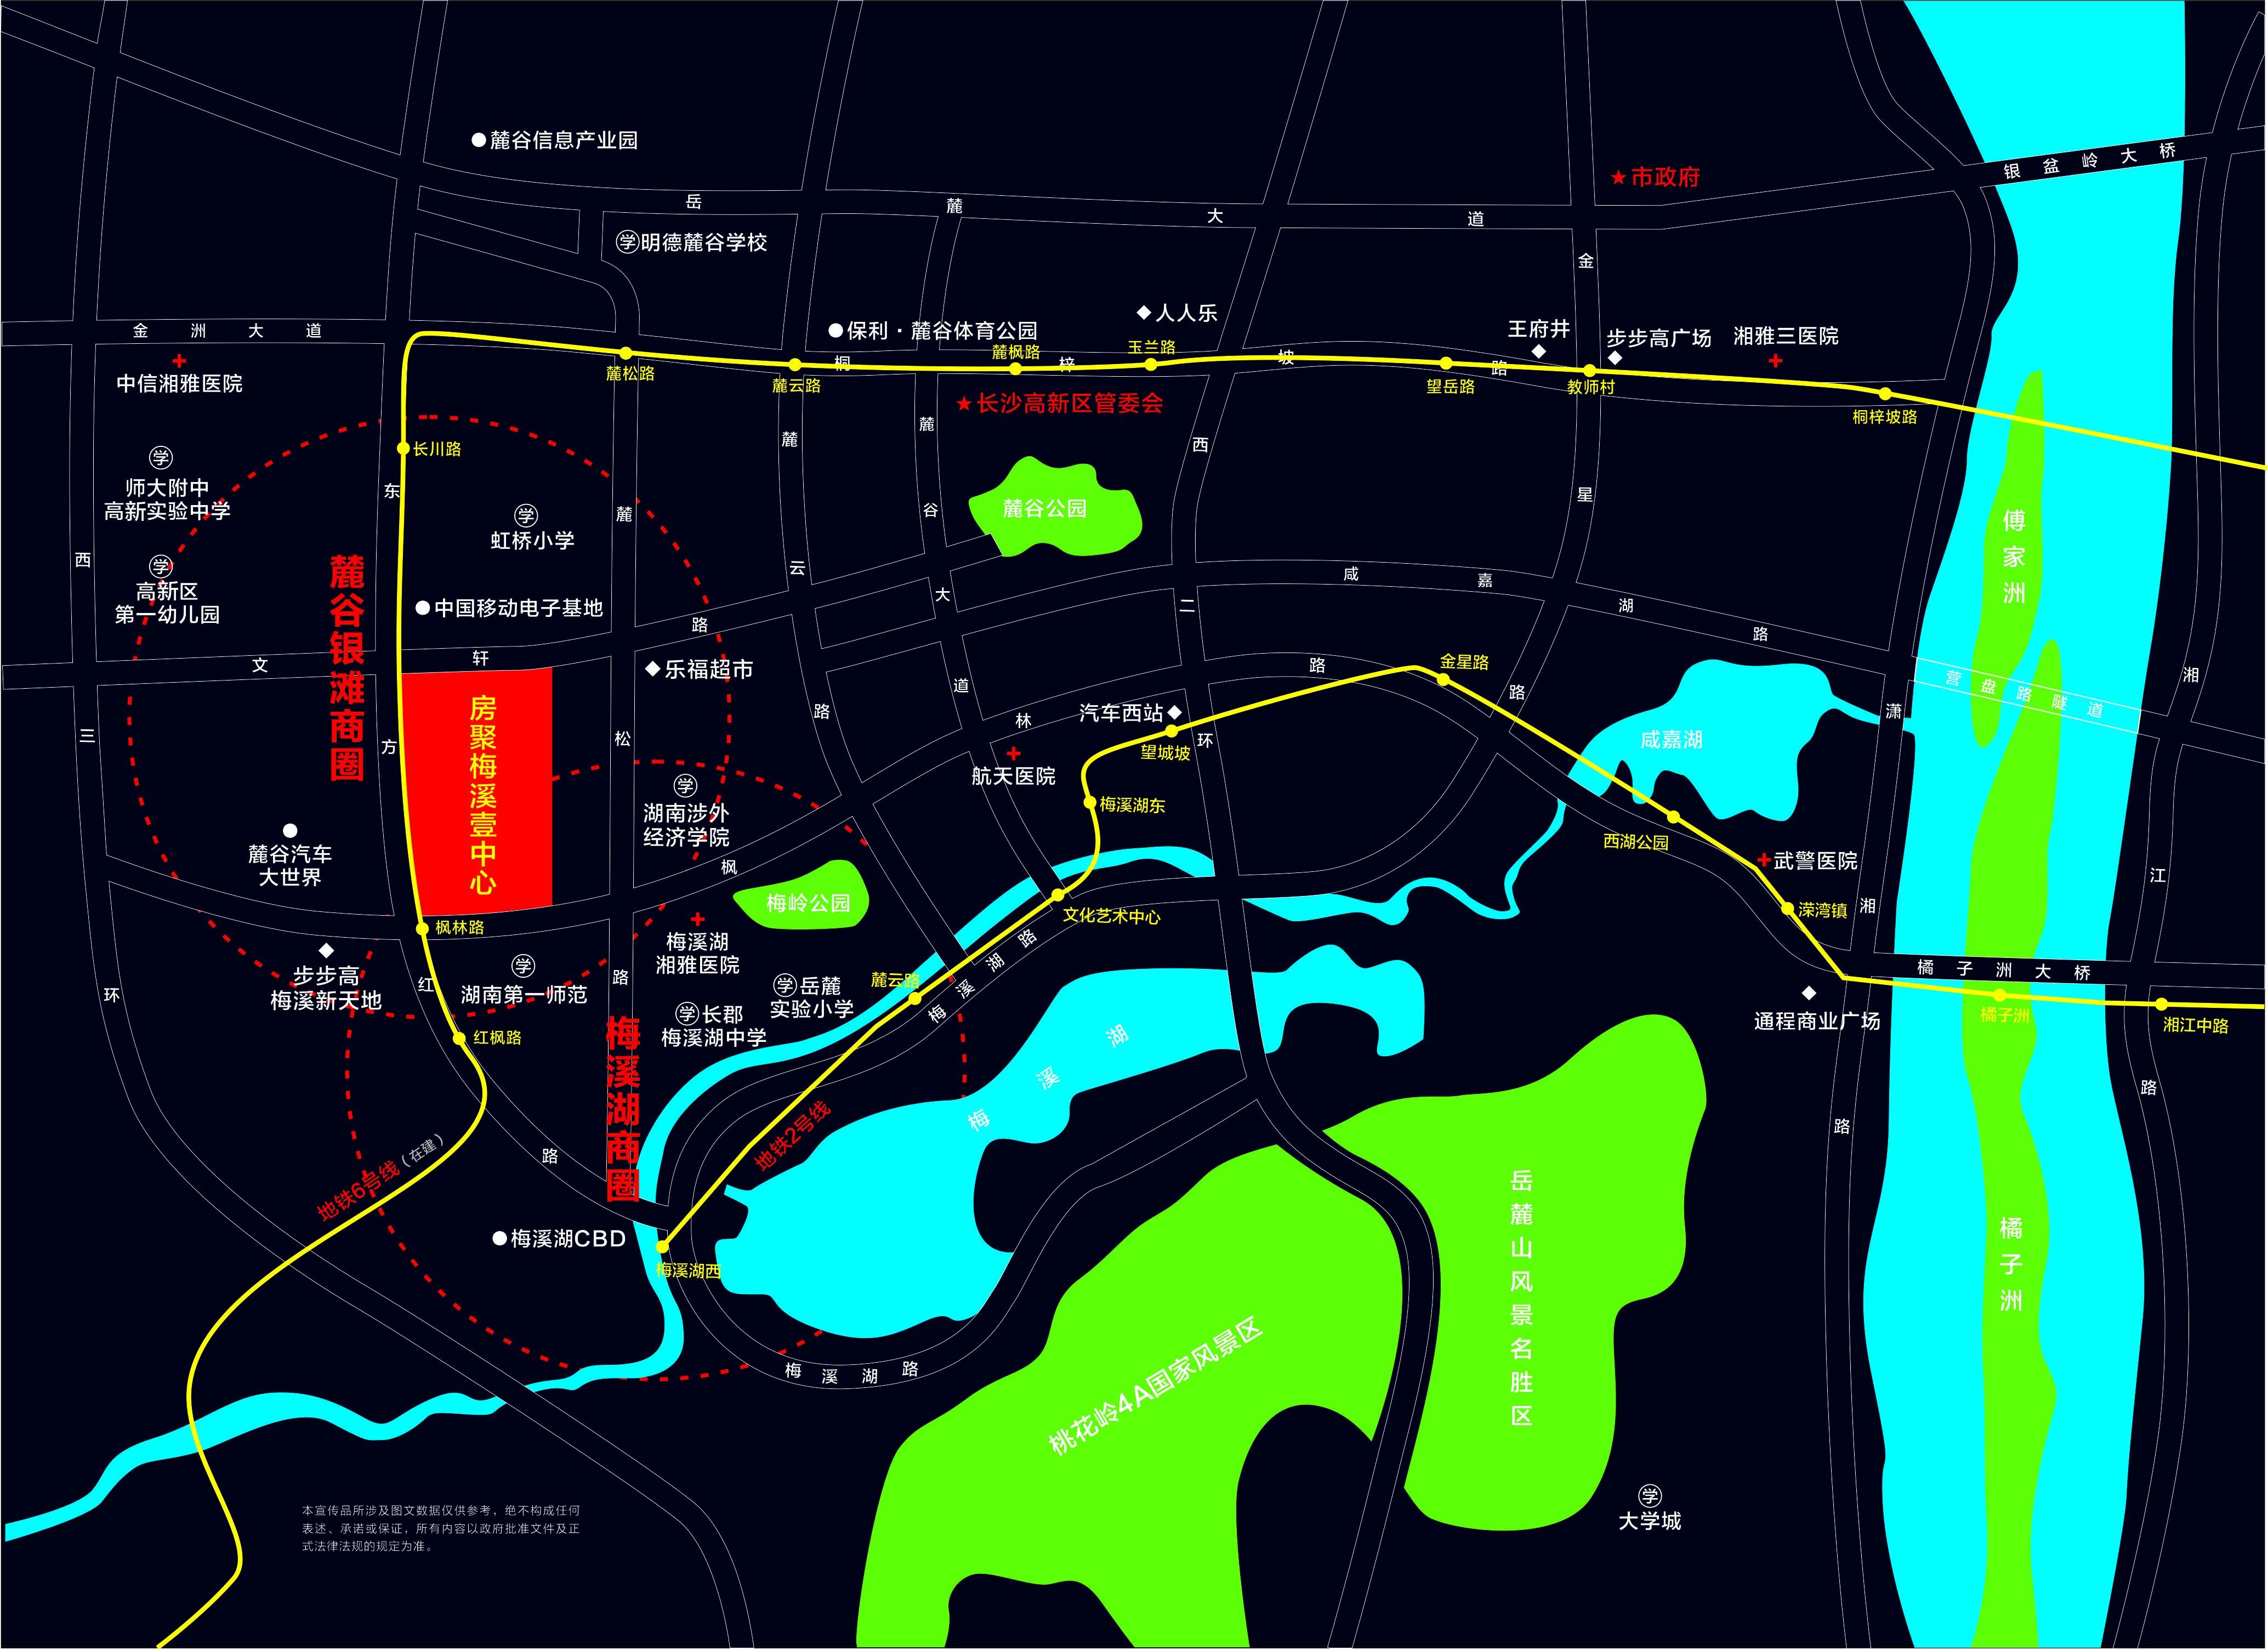 房聚梅溪壹中心位置图